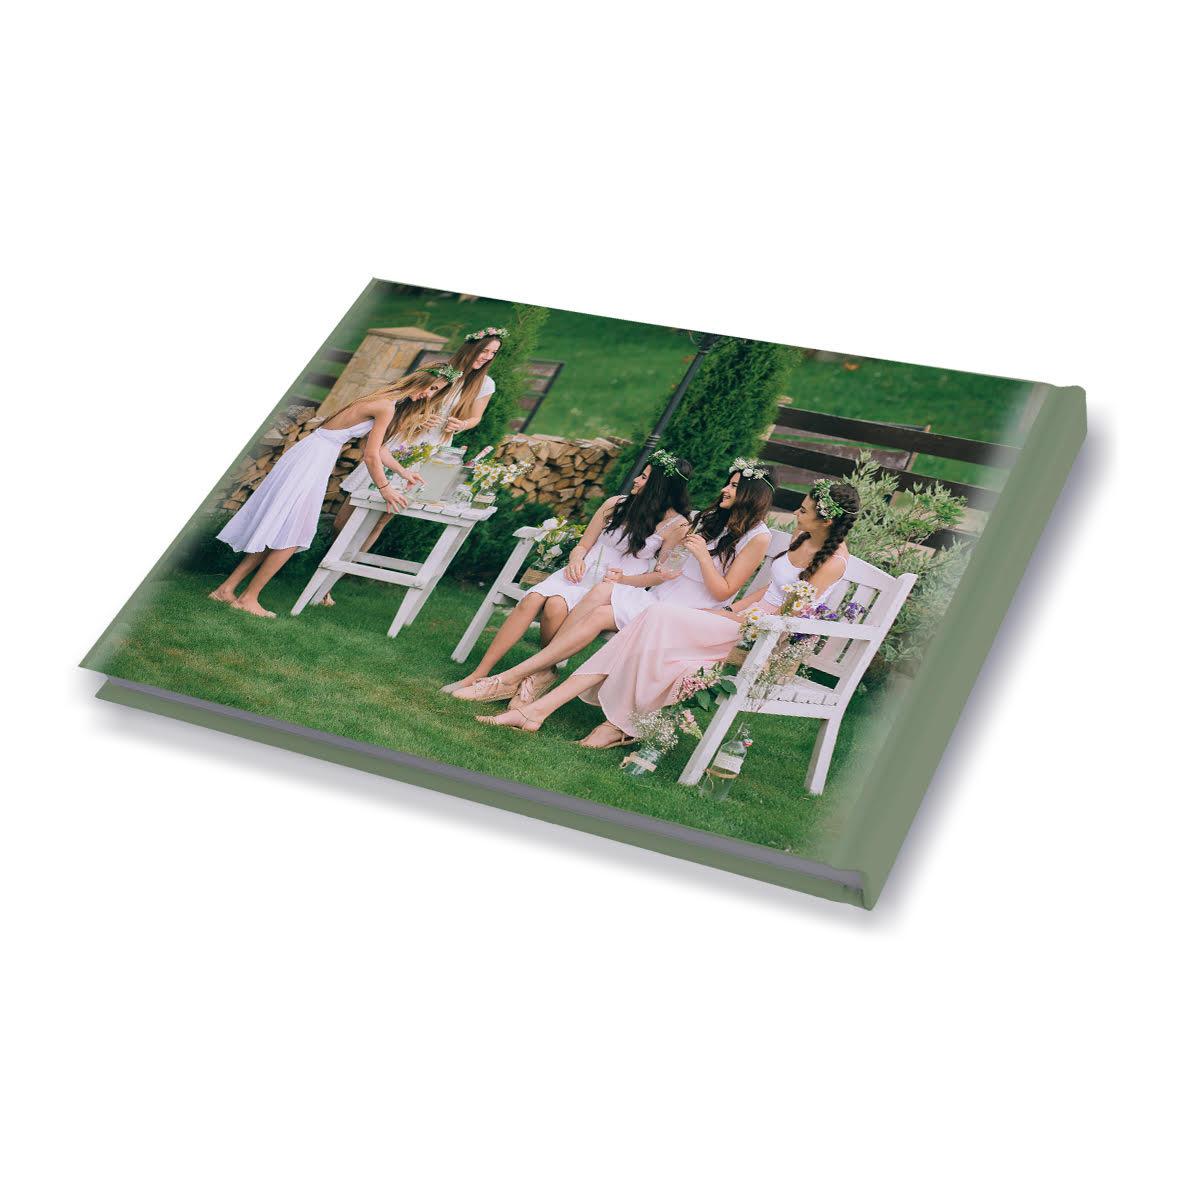 אלבום ברכות למסיבת רווקות 32 עמודים A4 אנכי/פנורמי